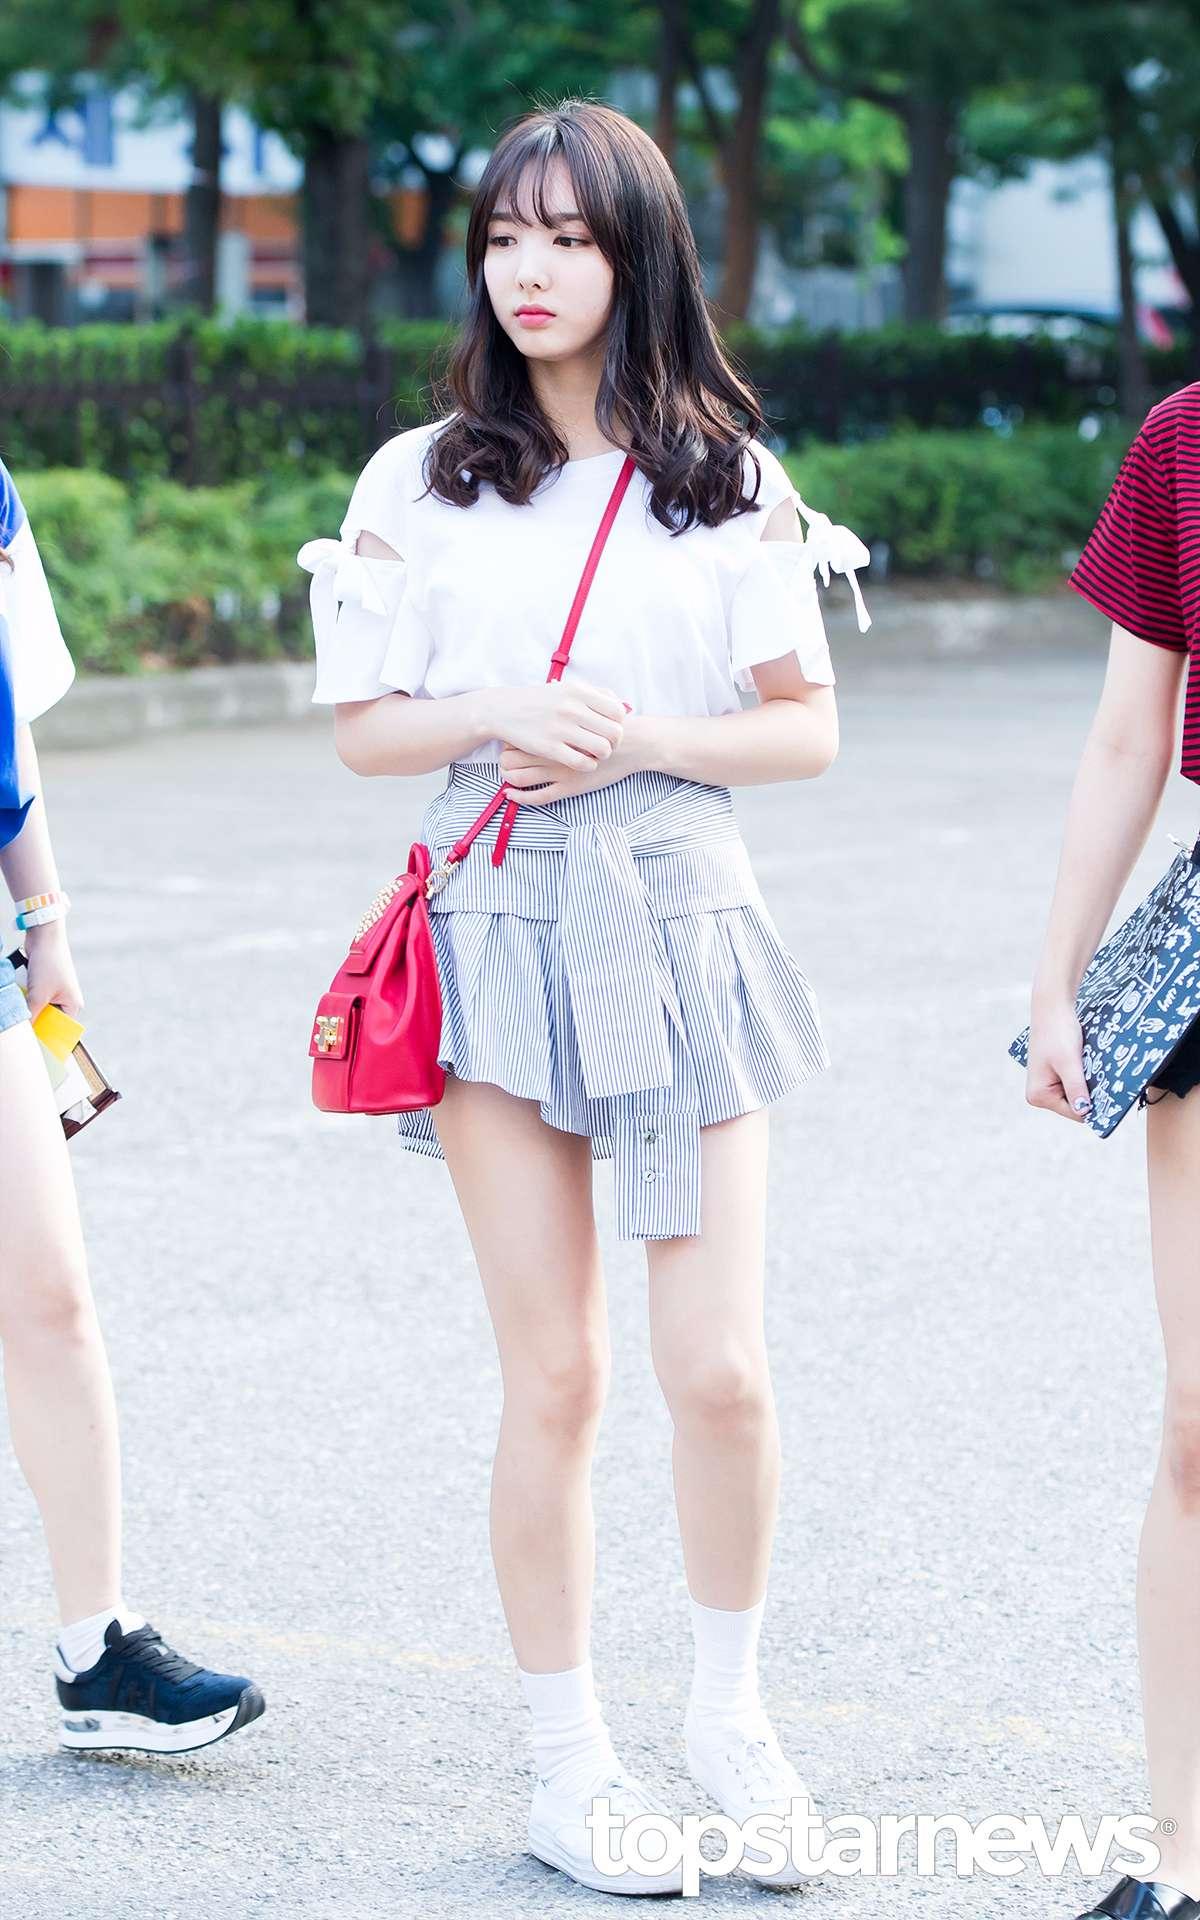 就在今天娜璉的粉絲也聯合向韓國提供舒適居住地的非盈利團體捐款100萬韓幣和150張TWICE的專輯,來紀念娜璉出道后的第一個生日。